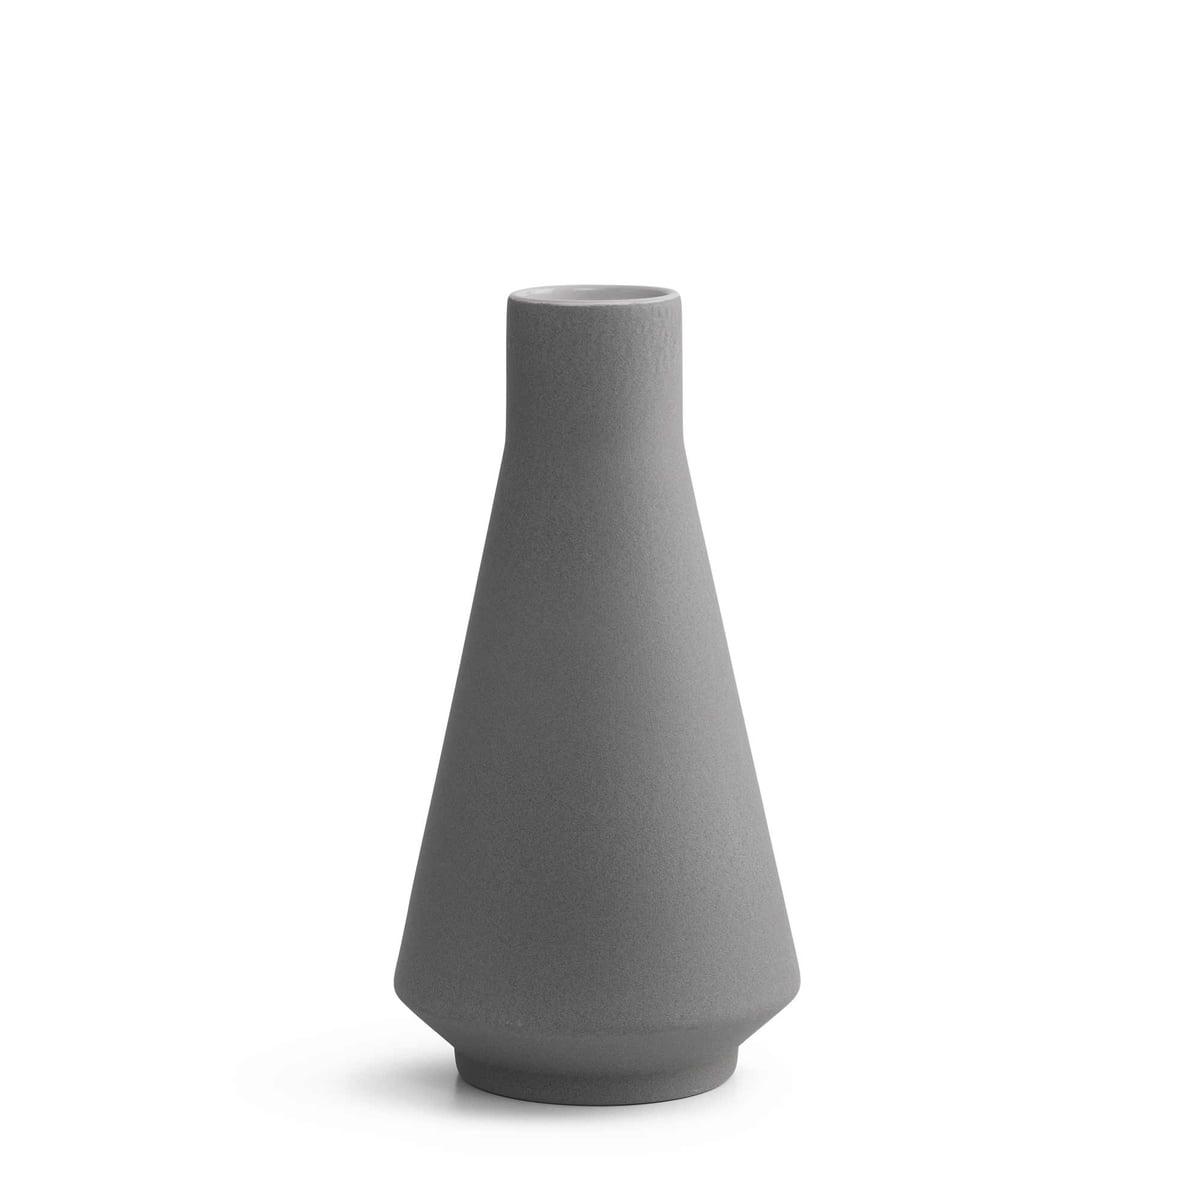 vases 2 vase von karakter im shop kaufen. Black Bedroom Furniture Sets. Home Design Ideas